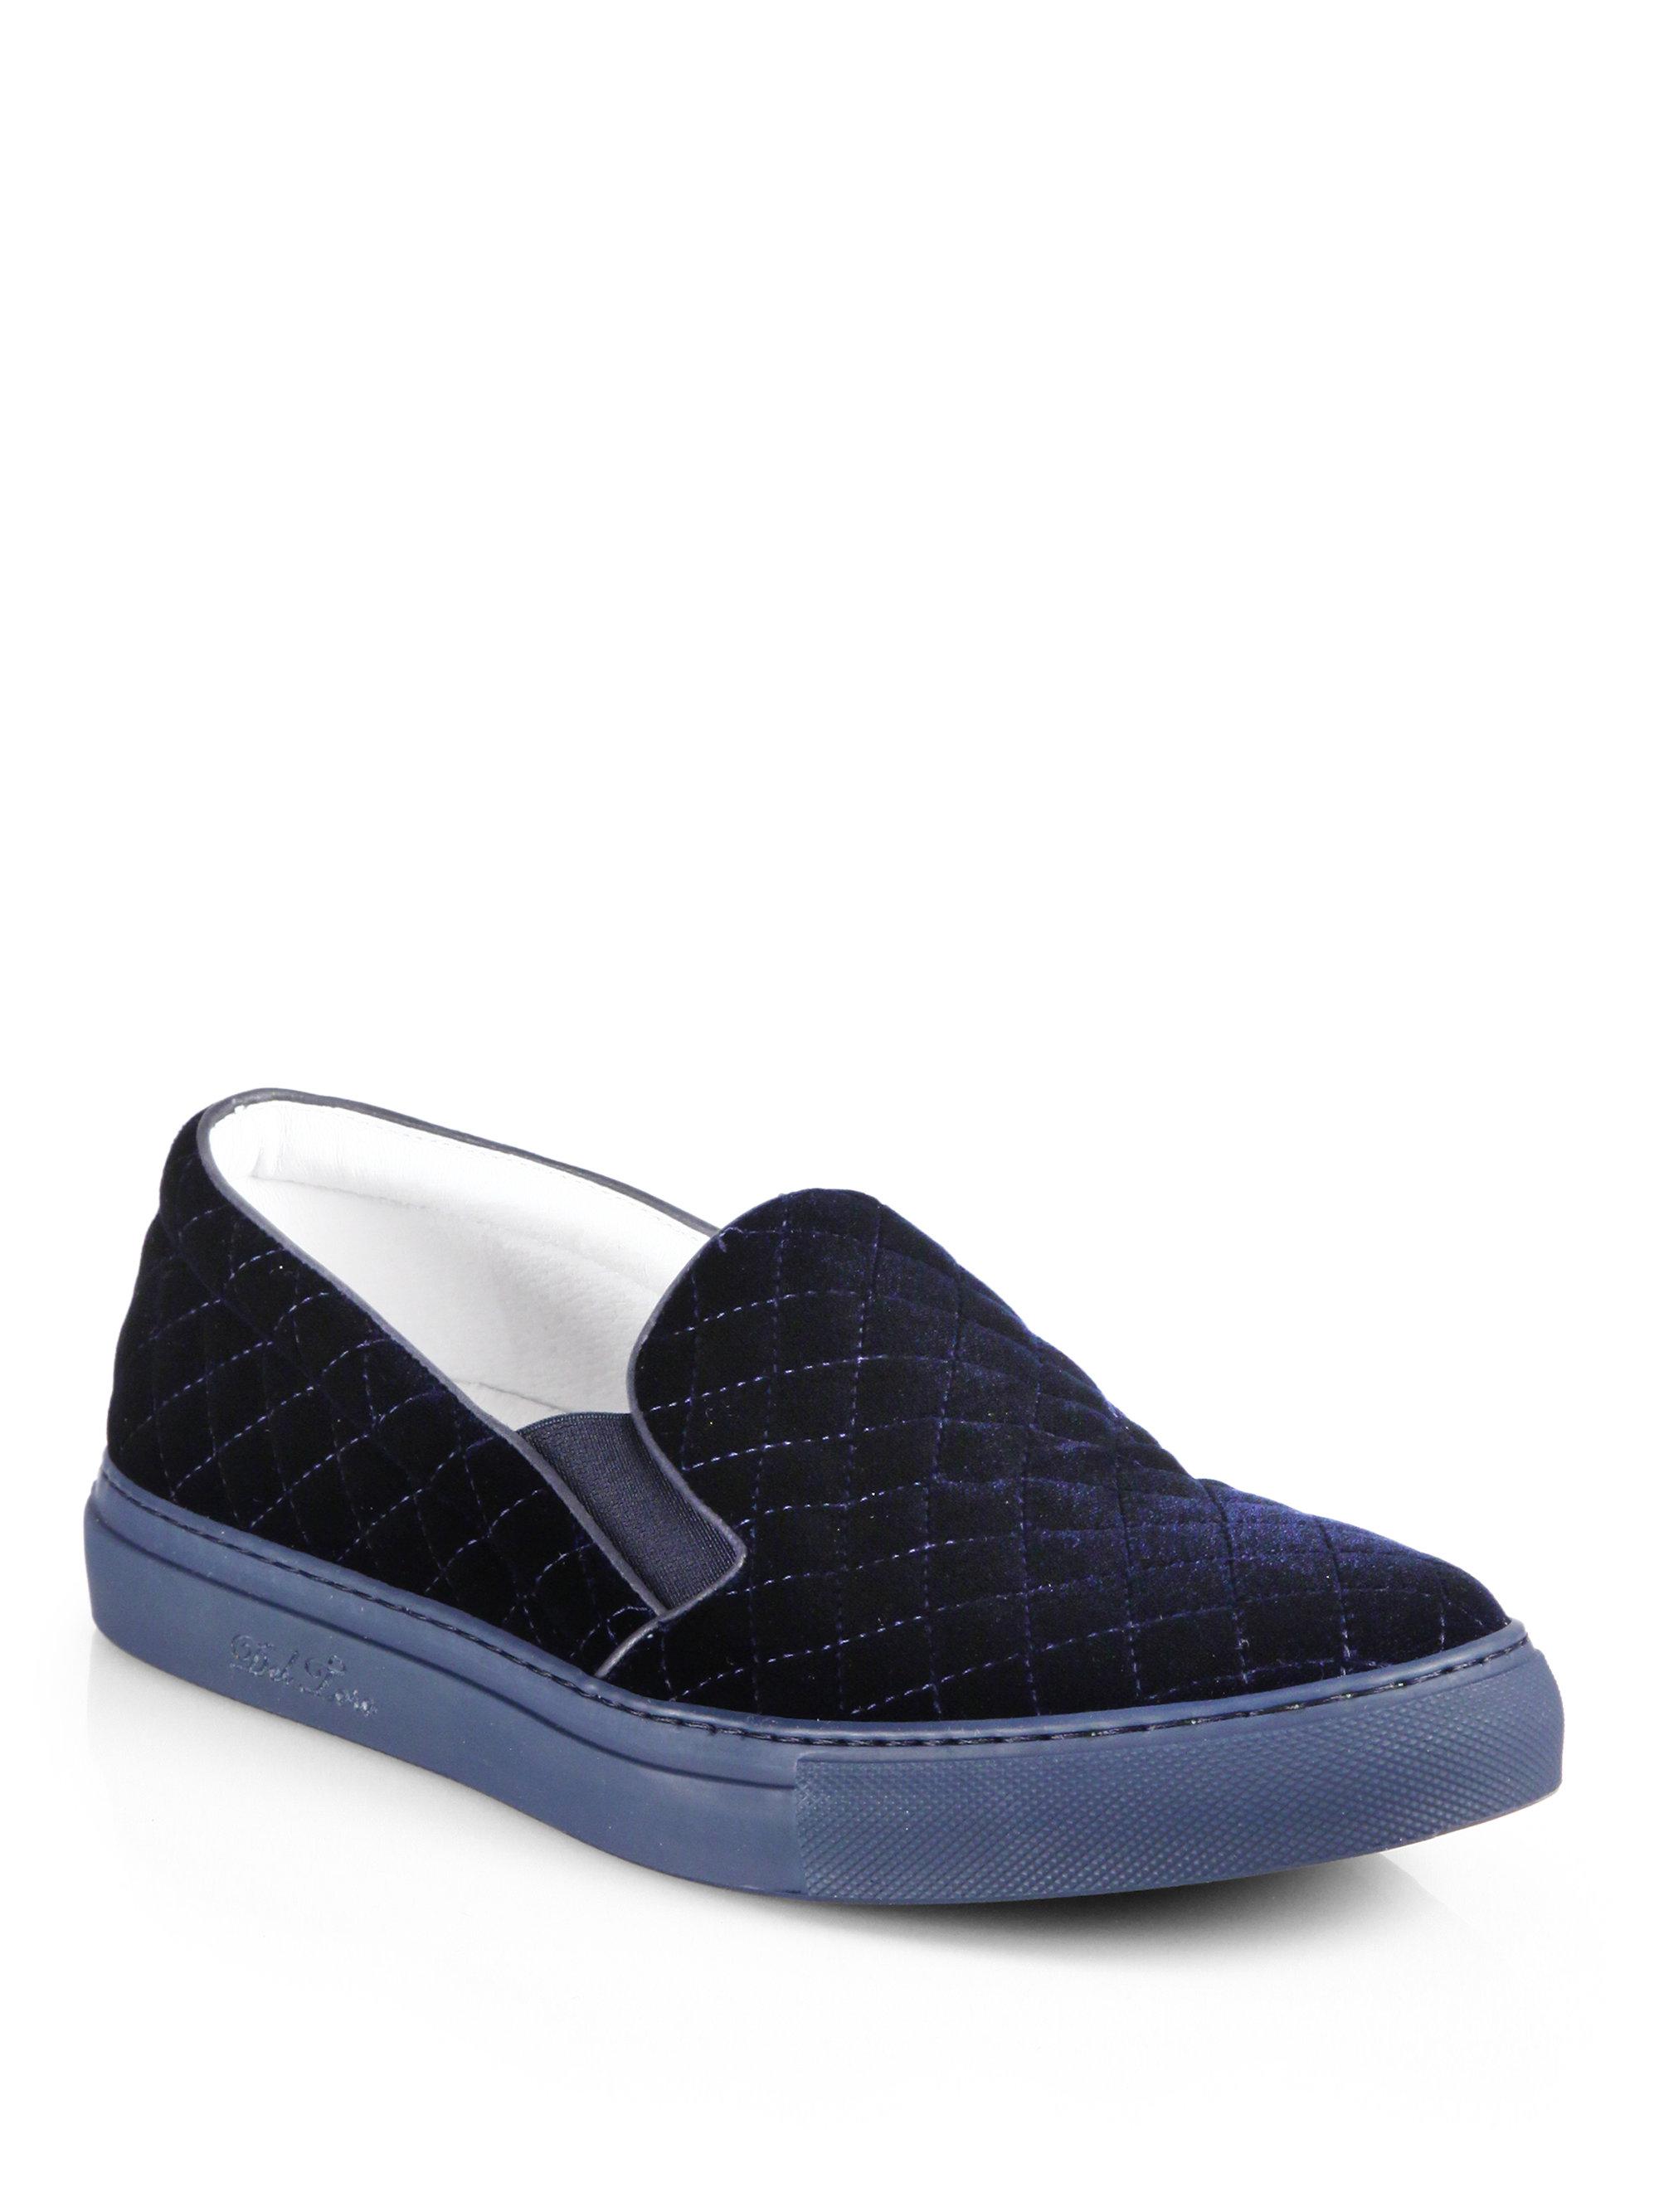 DEL TORO Velvet Slip-On Sneakers EMvCvs3TM